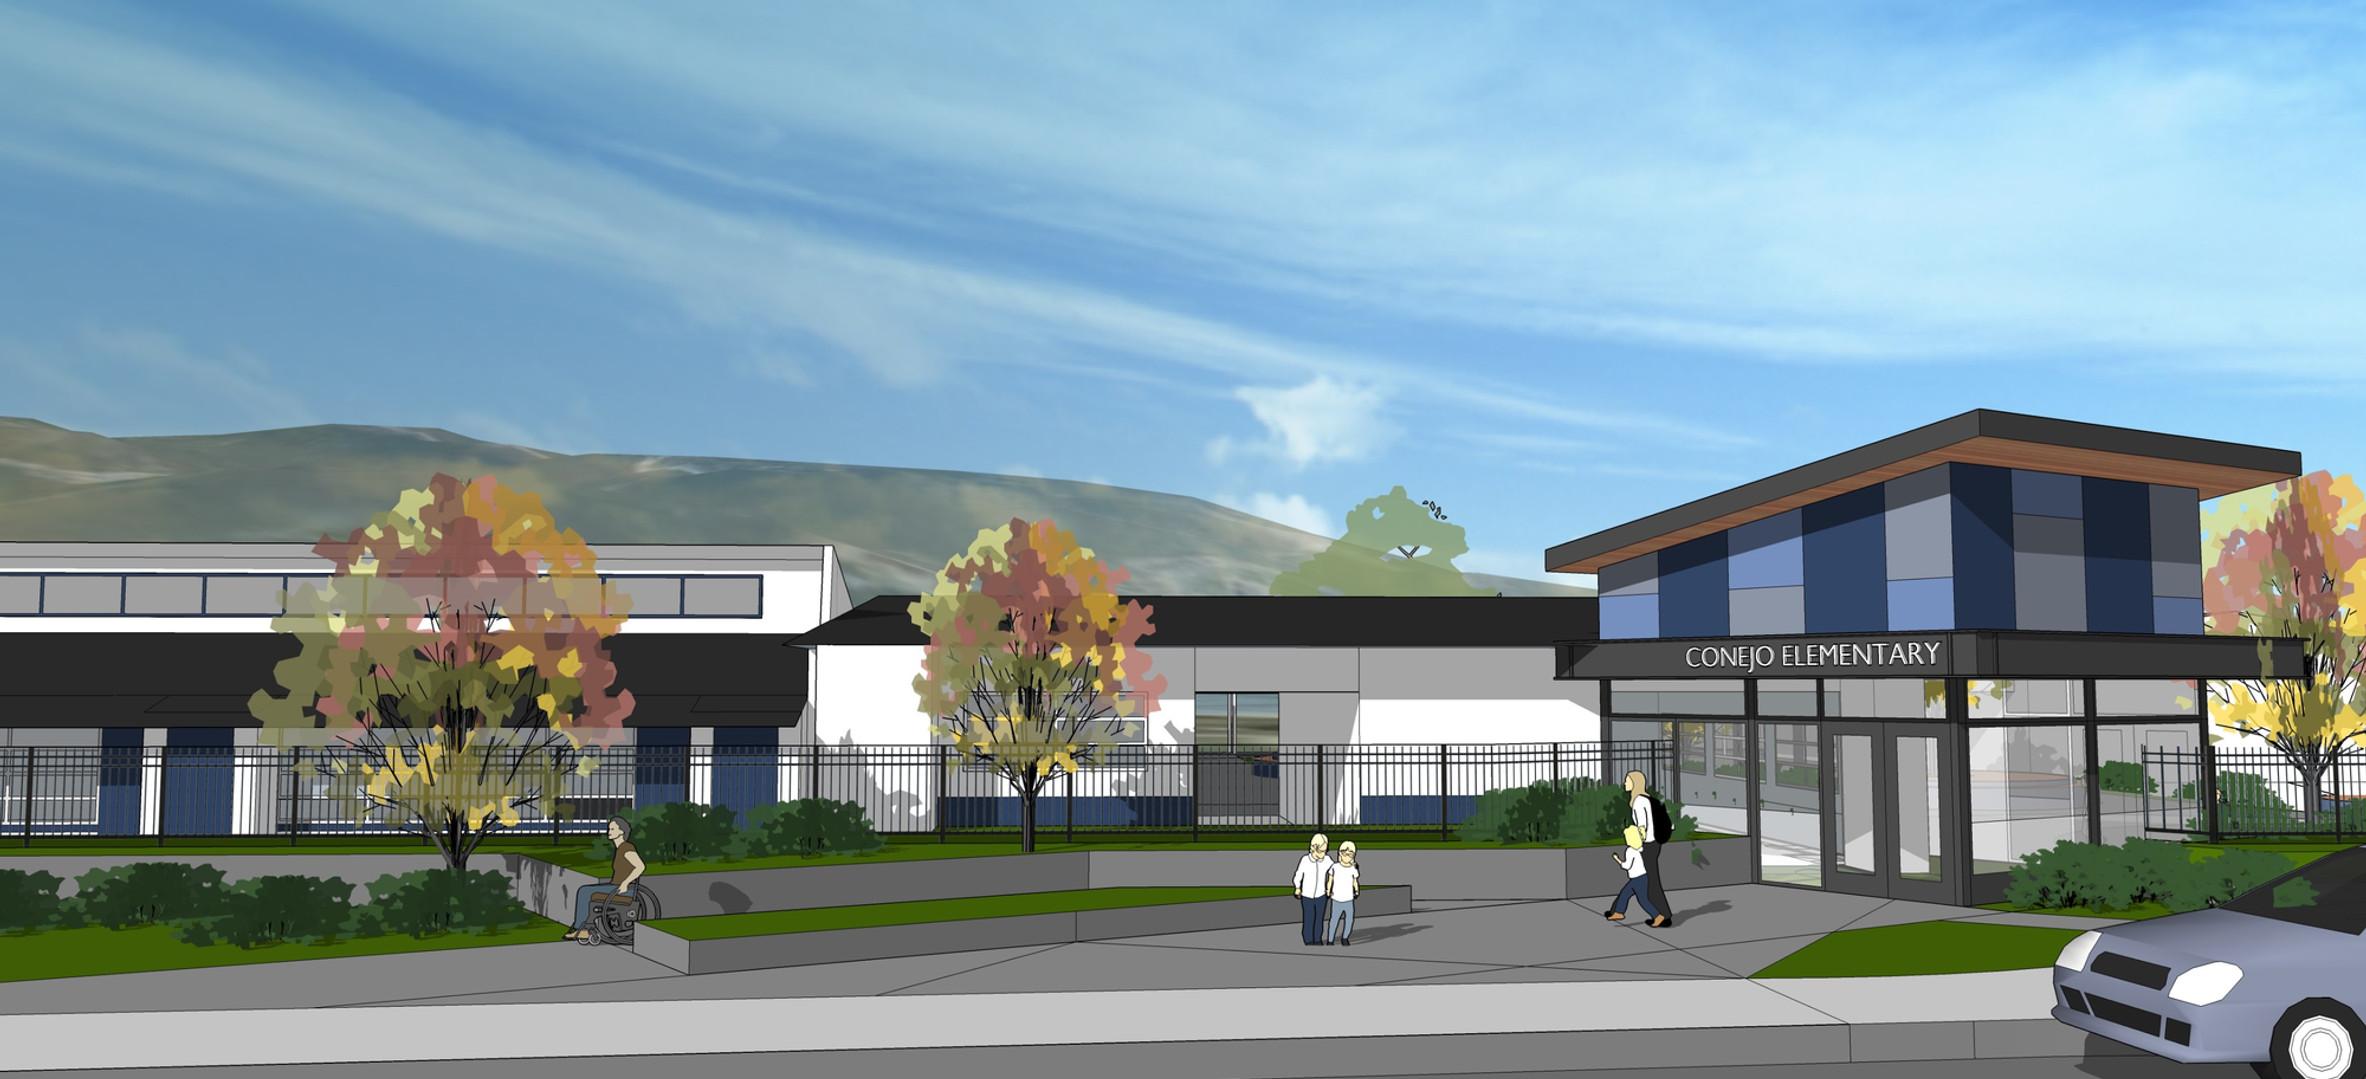 Conejo Elementary- Secure Campus Entrance (Design)